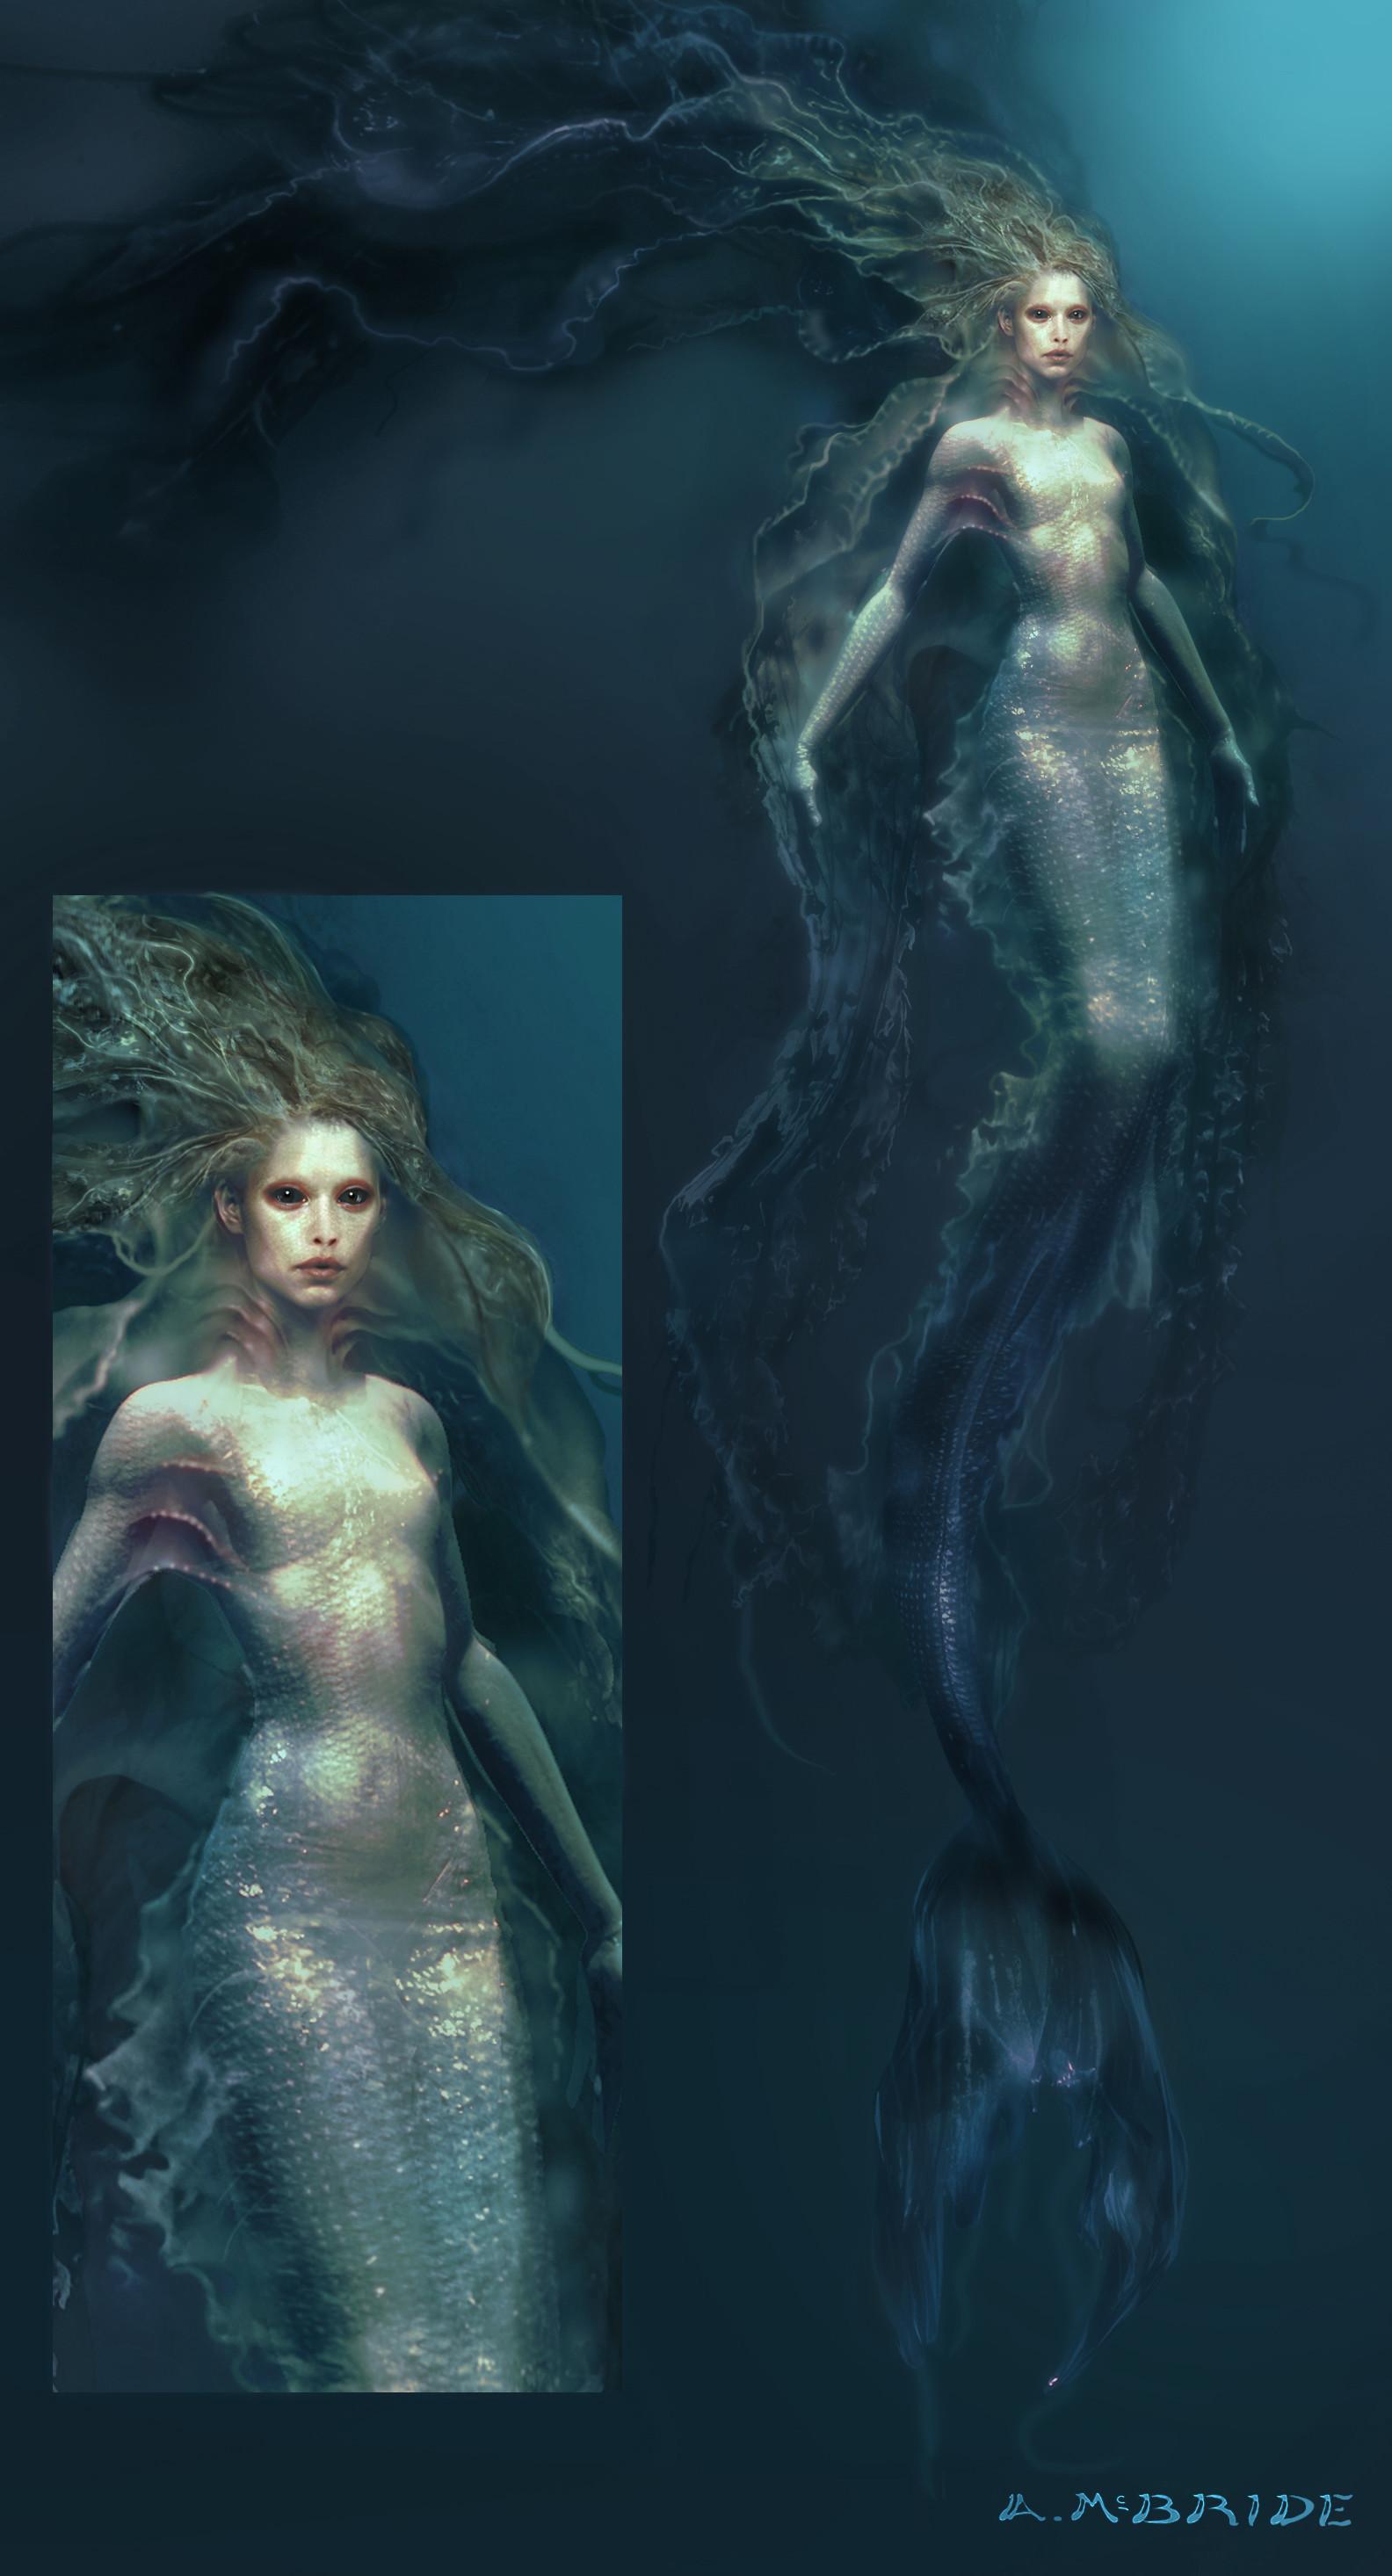 Aaron mcbride mermaid fullbody approved